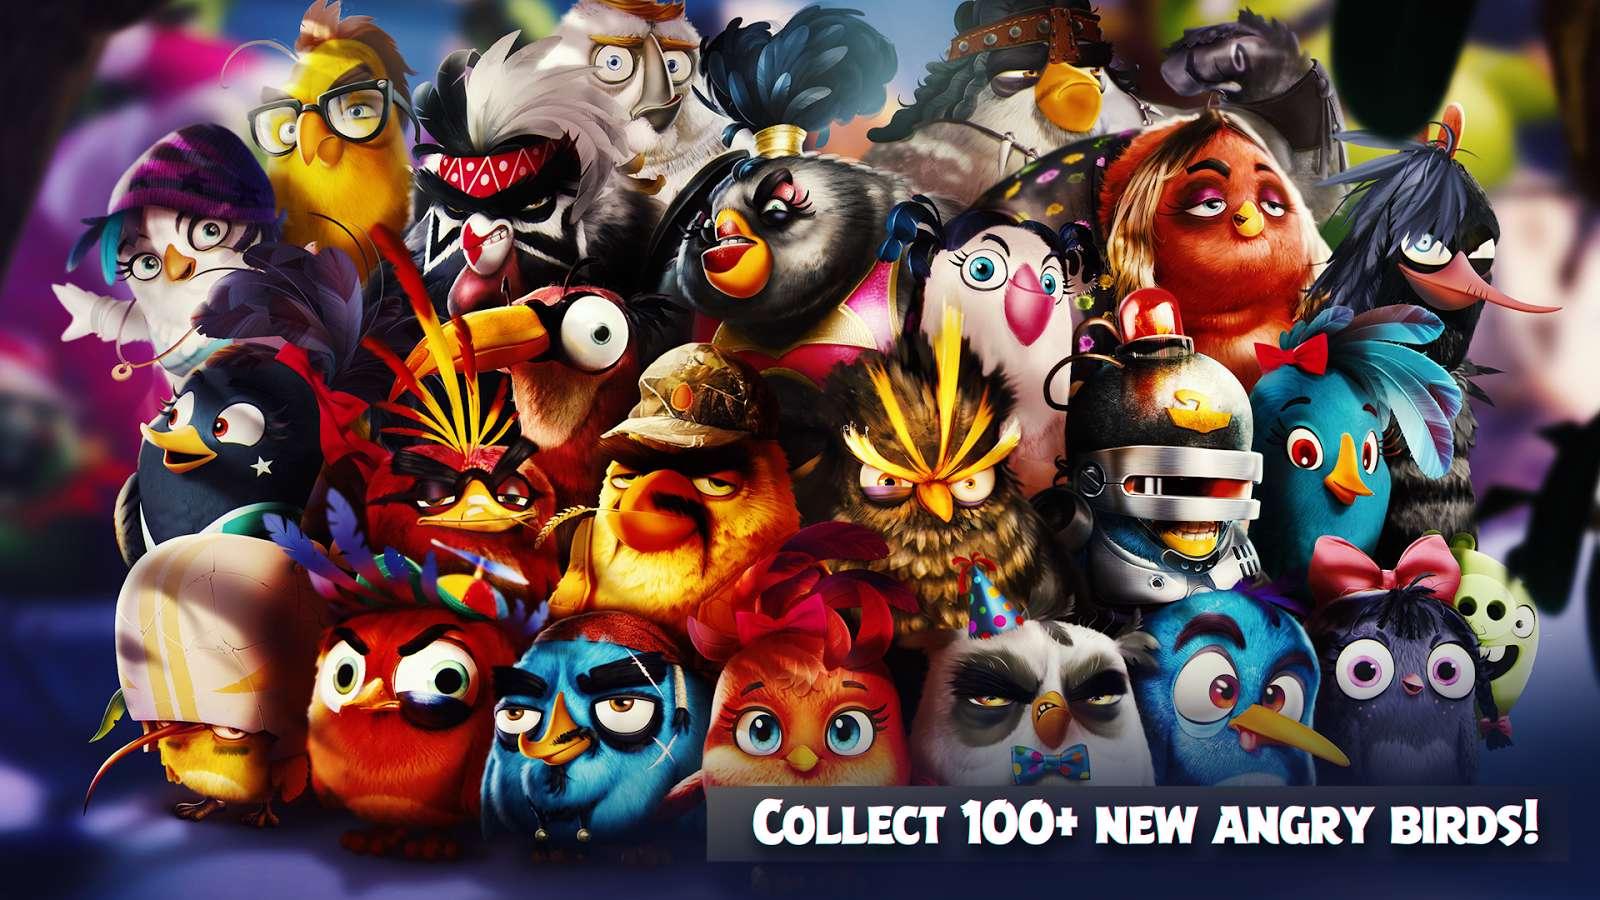 دانلود بازی جدید و متفاوت Angry Birds Evolution 1.5.0 برای اندروید